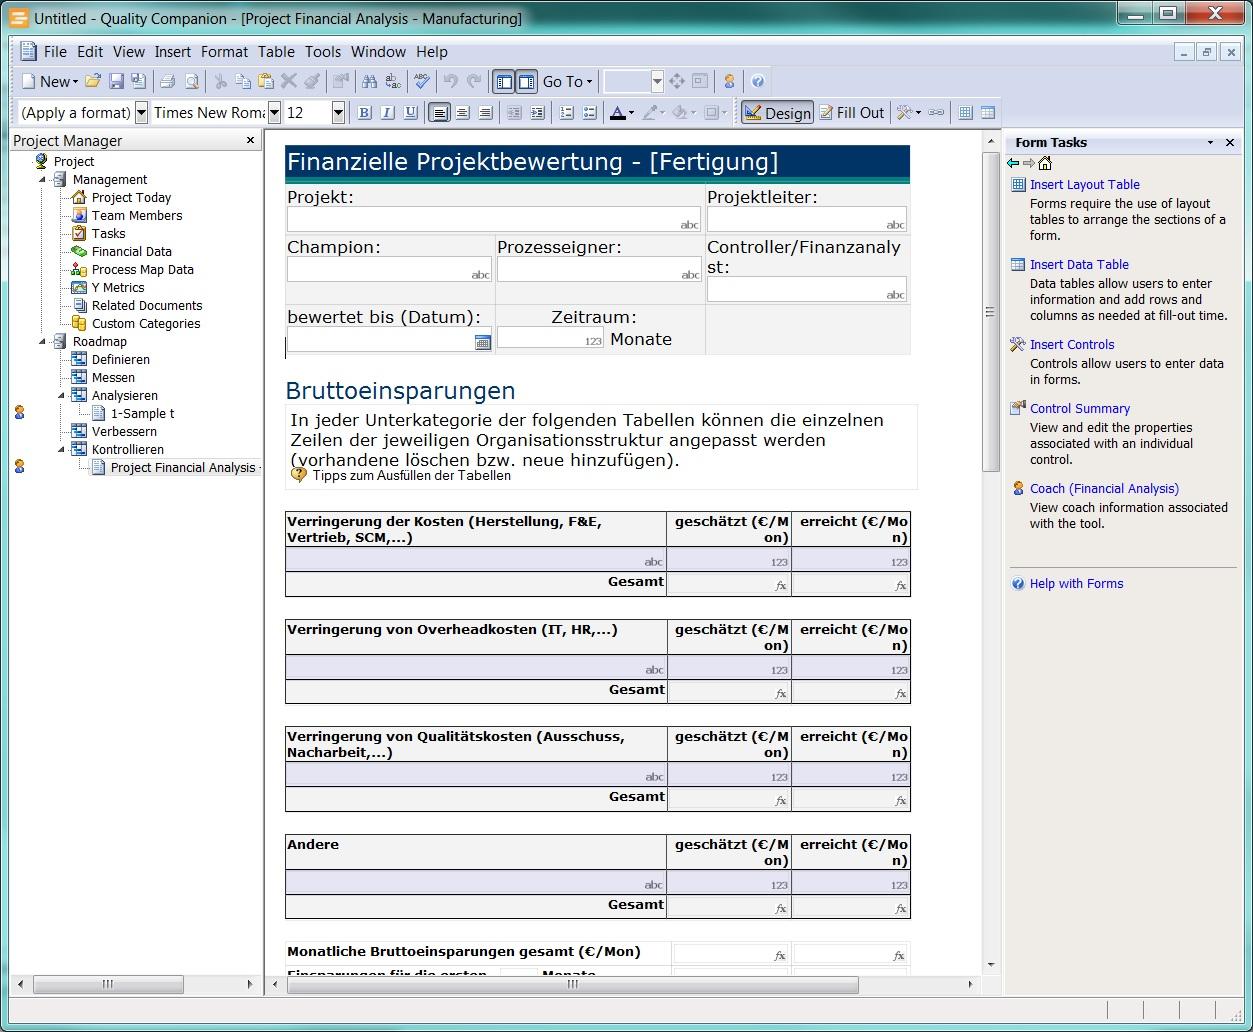 Berühmt Vorlagenhersteller Software Fotos - Entry Level Resume ...